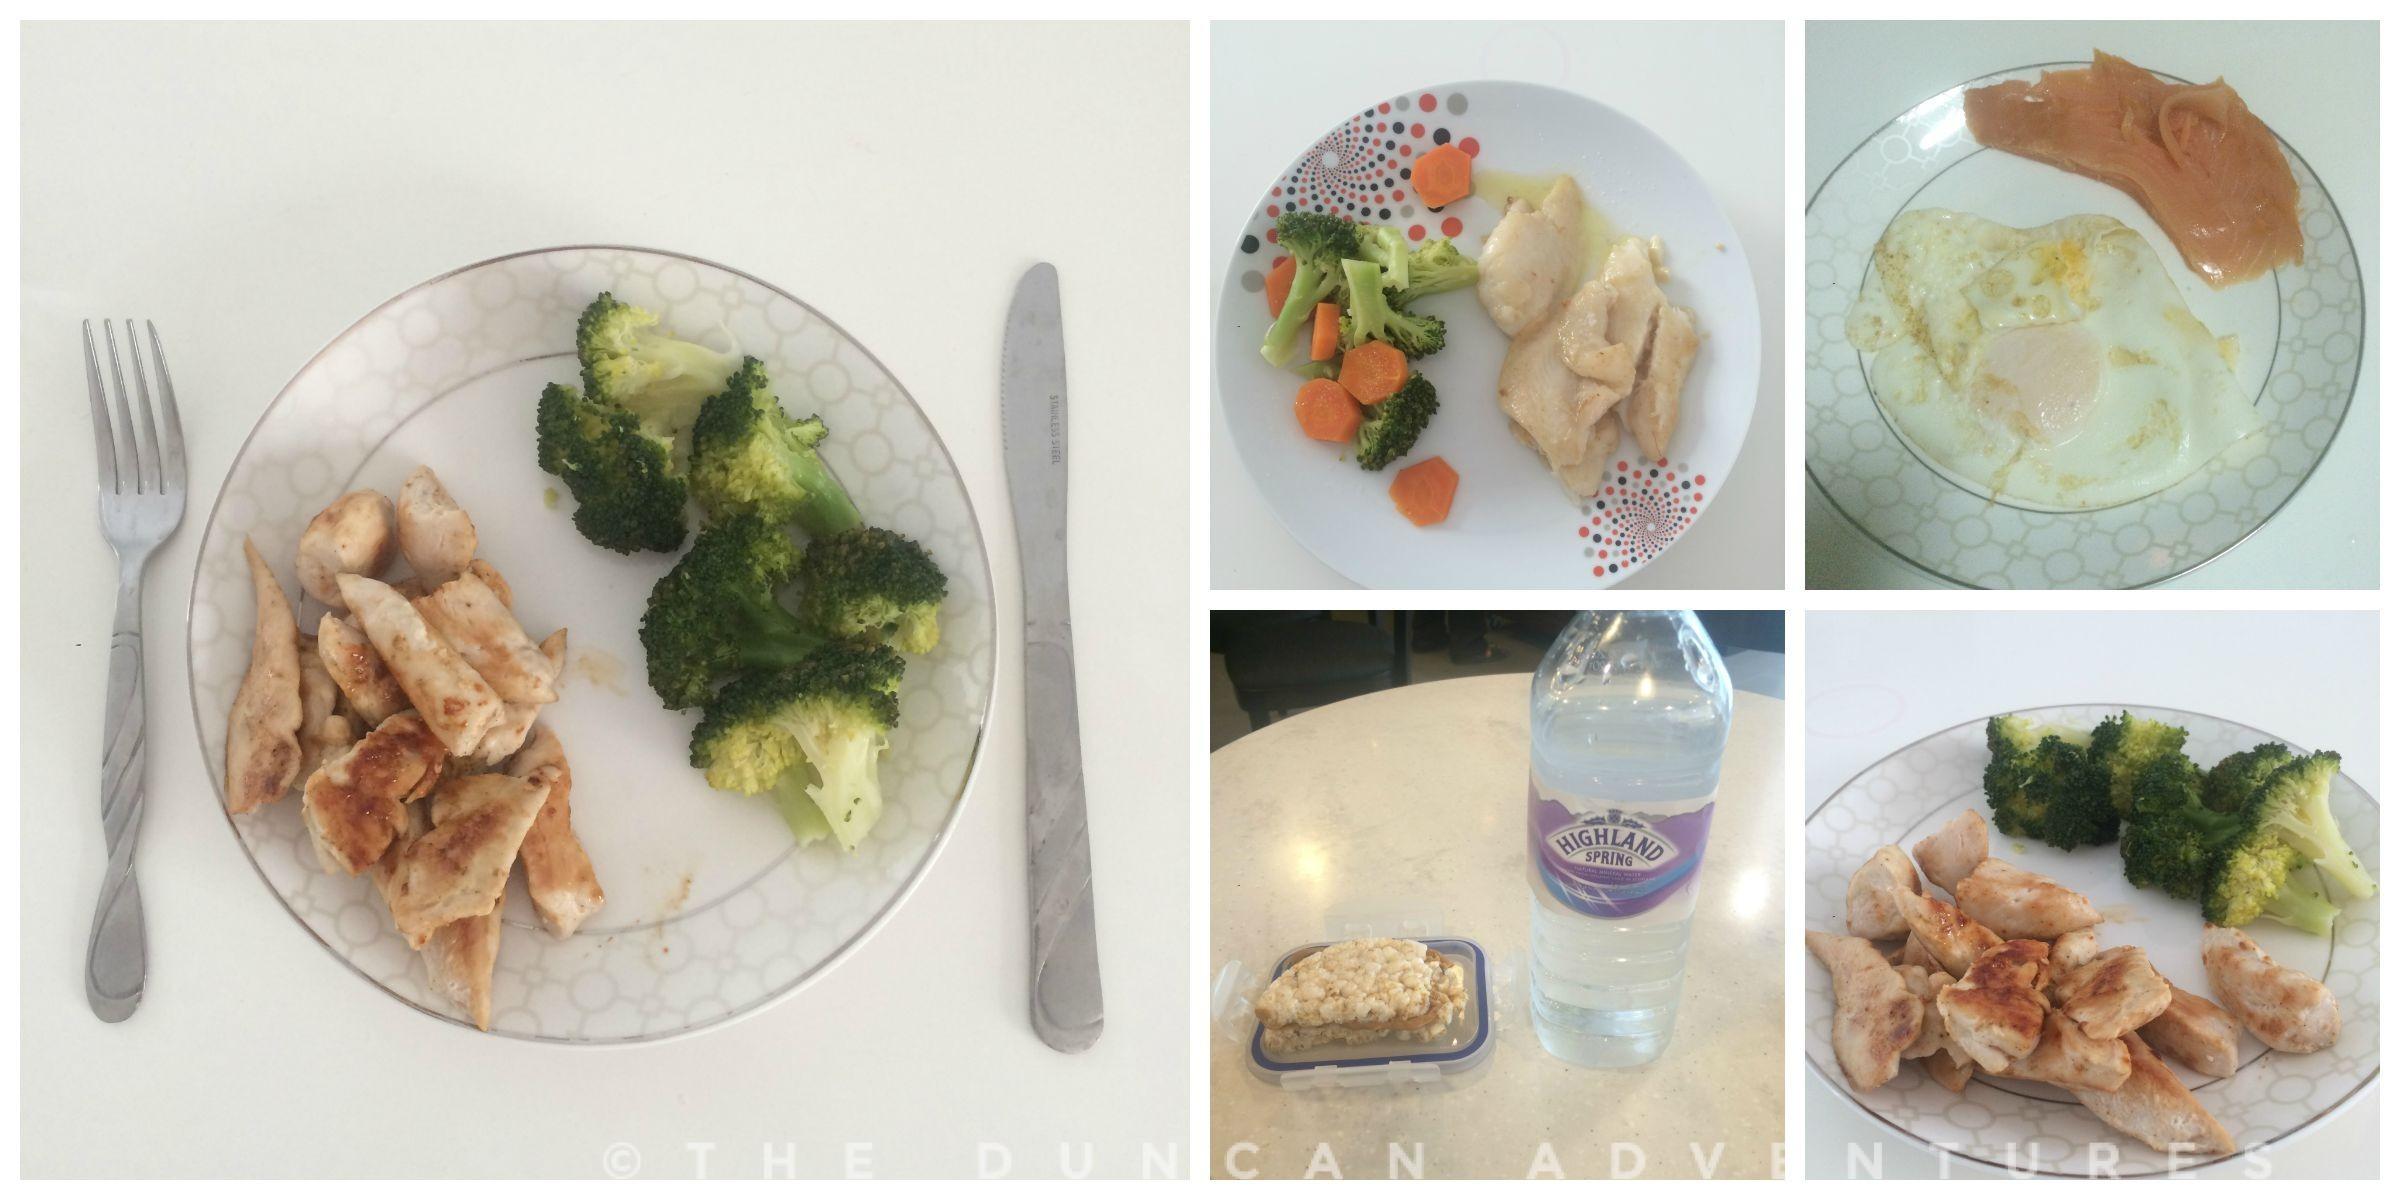 Typical Keto Diet  Eat Sleep Lift Repeat Week 5 The Duncan Adventures